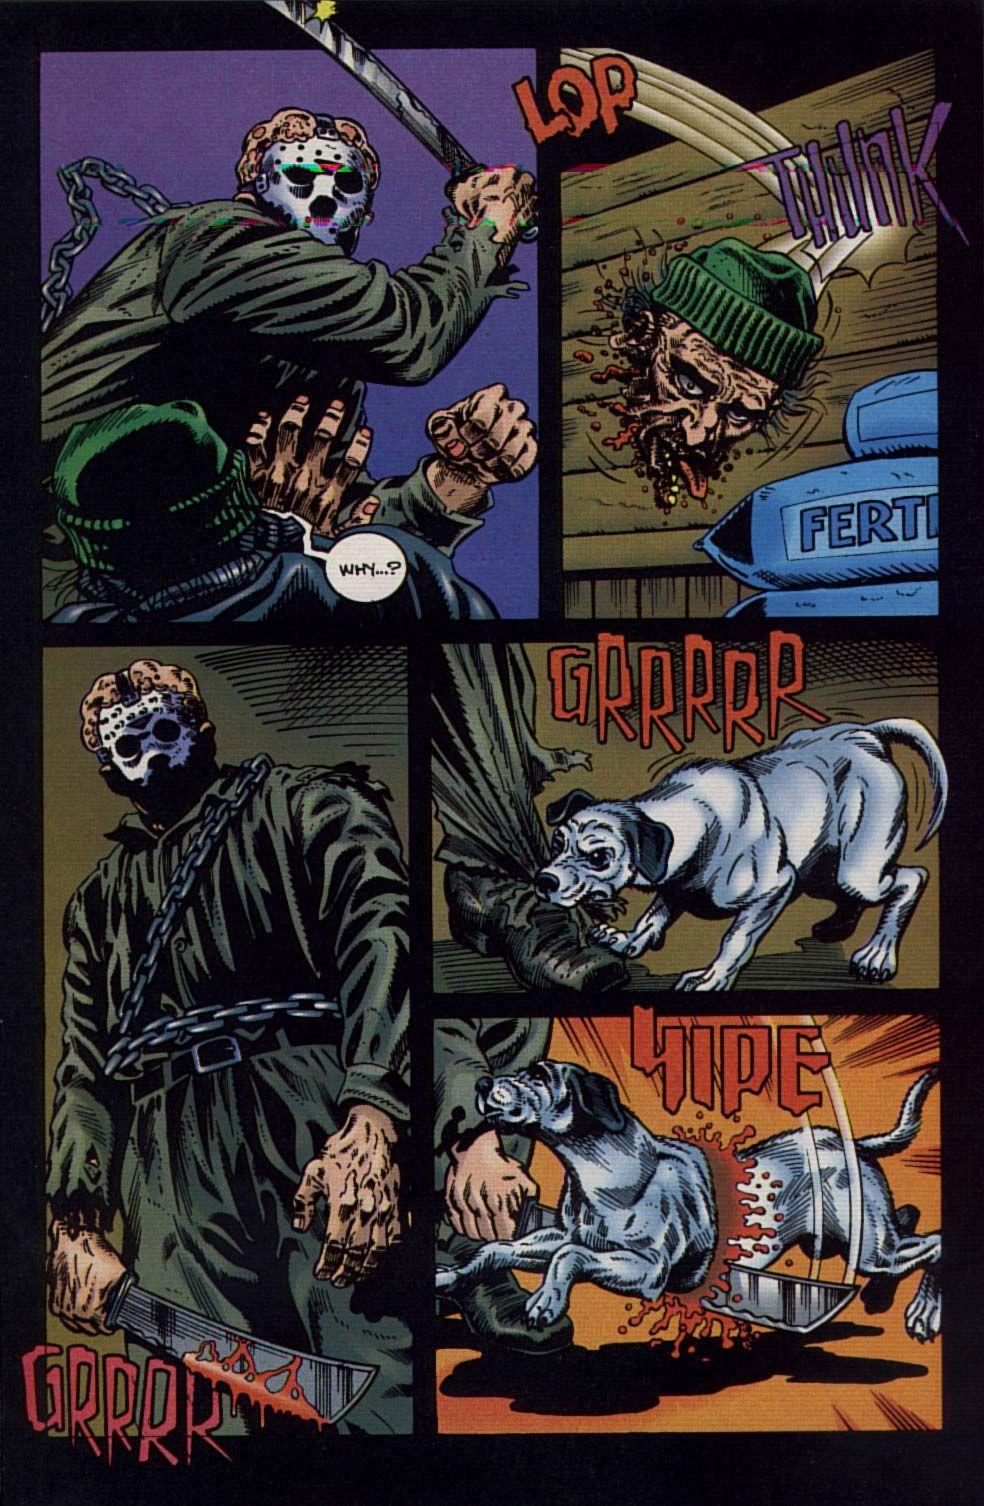 jason vs leatherface vol 1 #1 [topps] | artjeff butler & steve